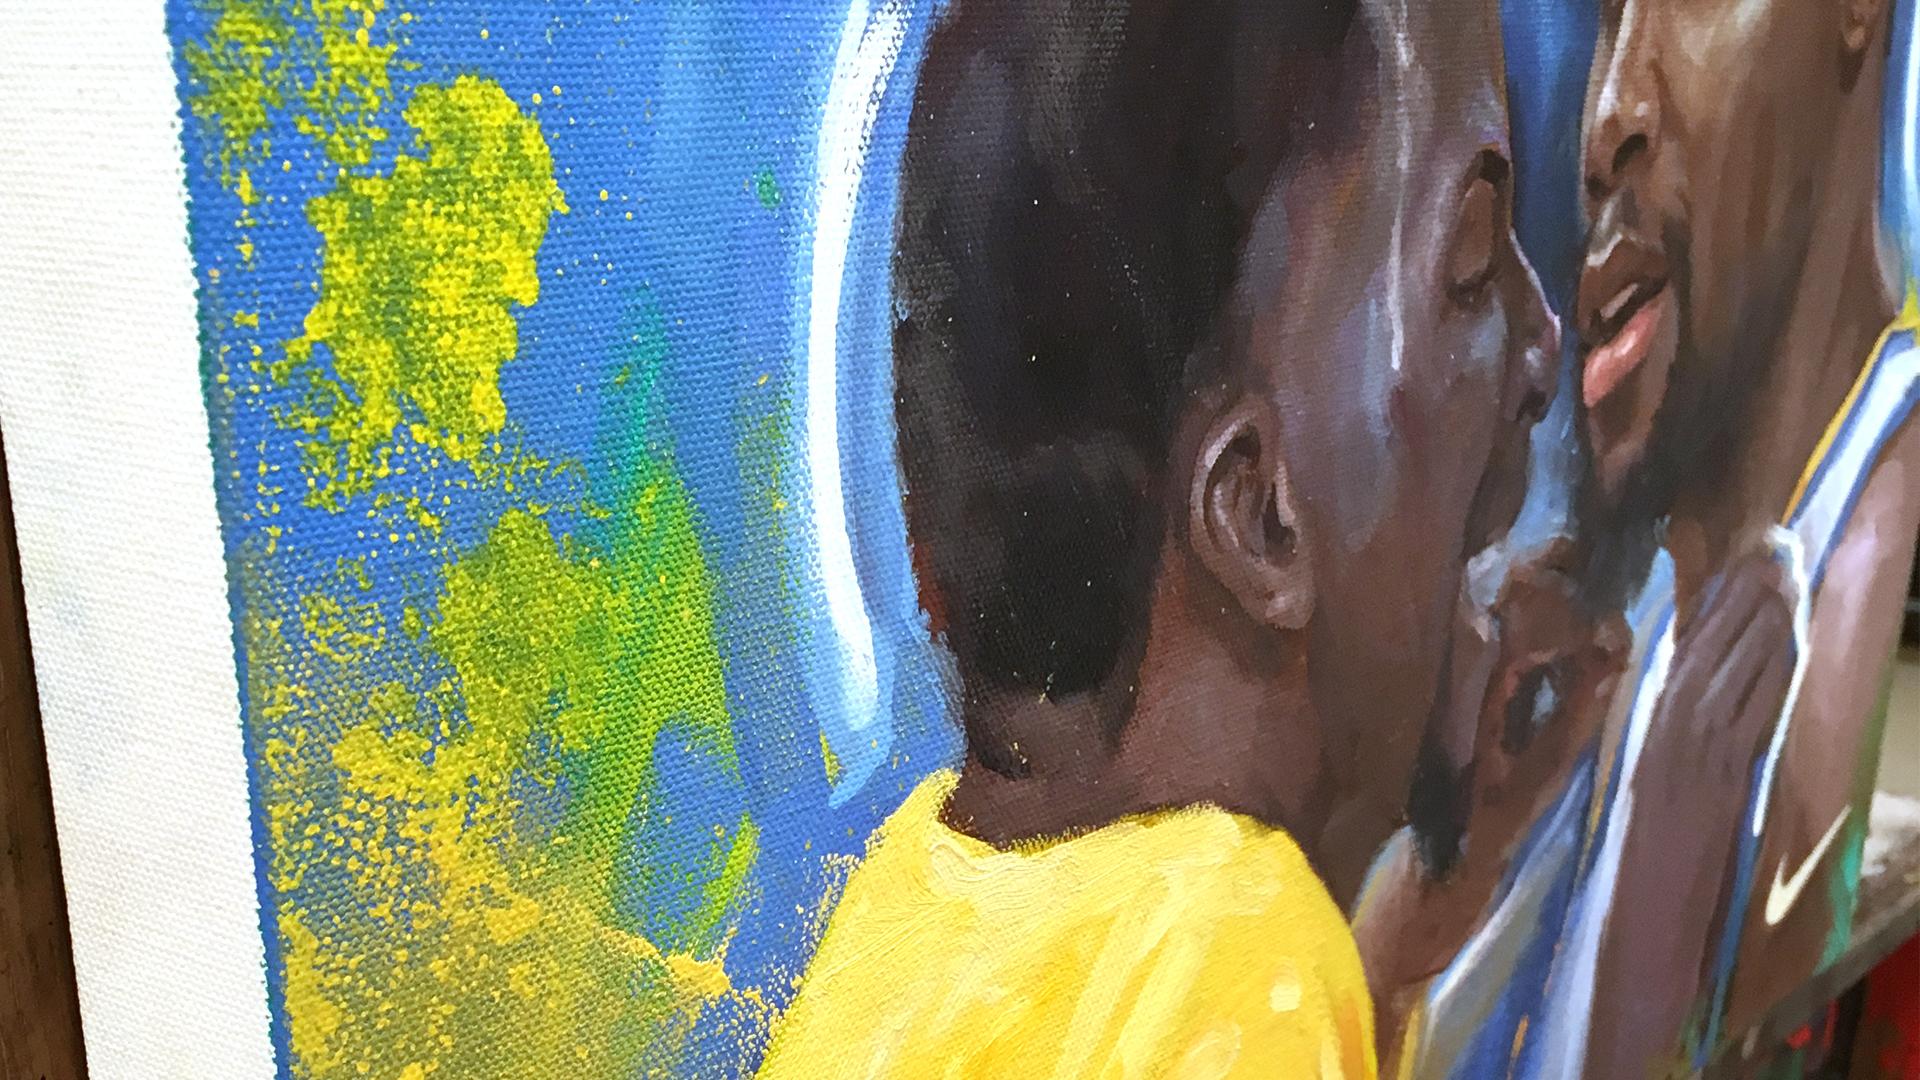 kd-painting-detail.jpg